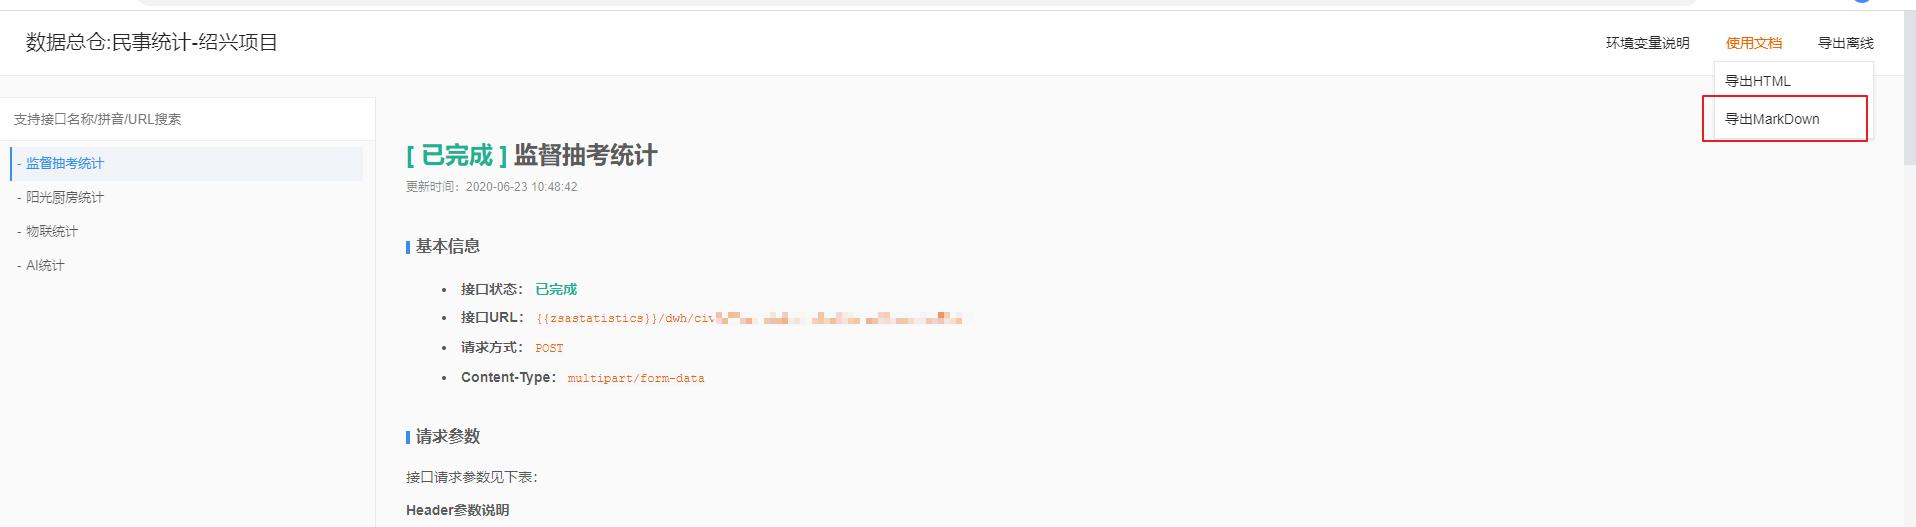 当前目录页有4个接口, 但是导出MarkDown时, 导出的是所有目录的接口